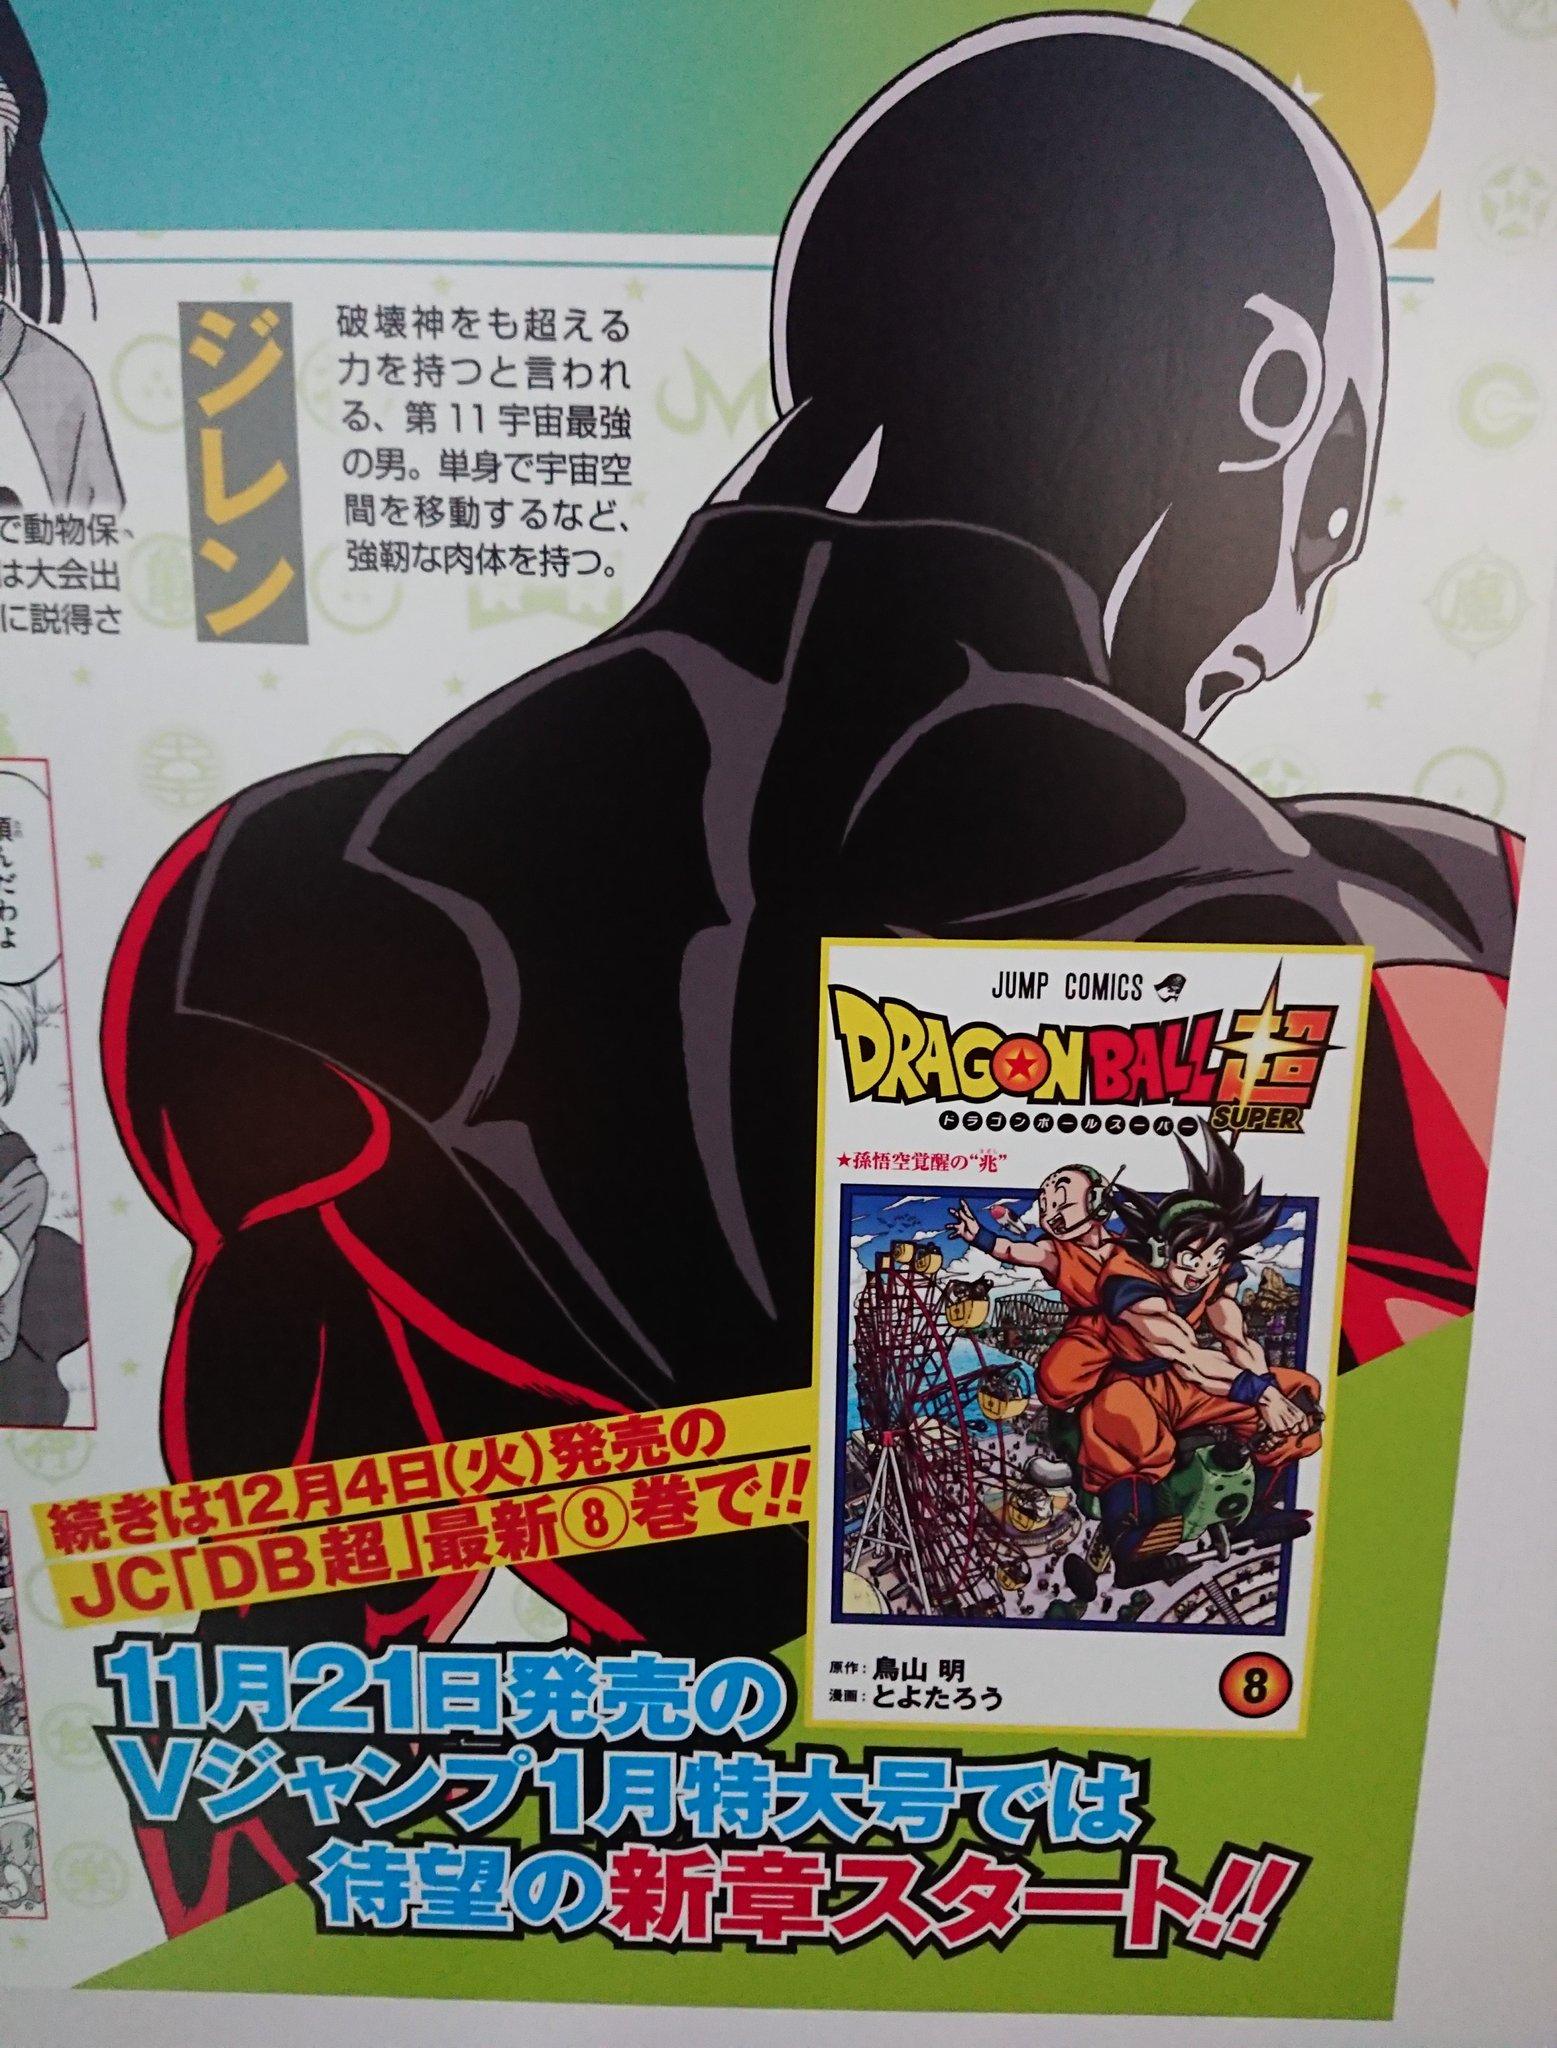 Dragon Ball Super Tome 8 : Premier visuel de la couverture